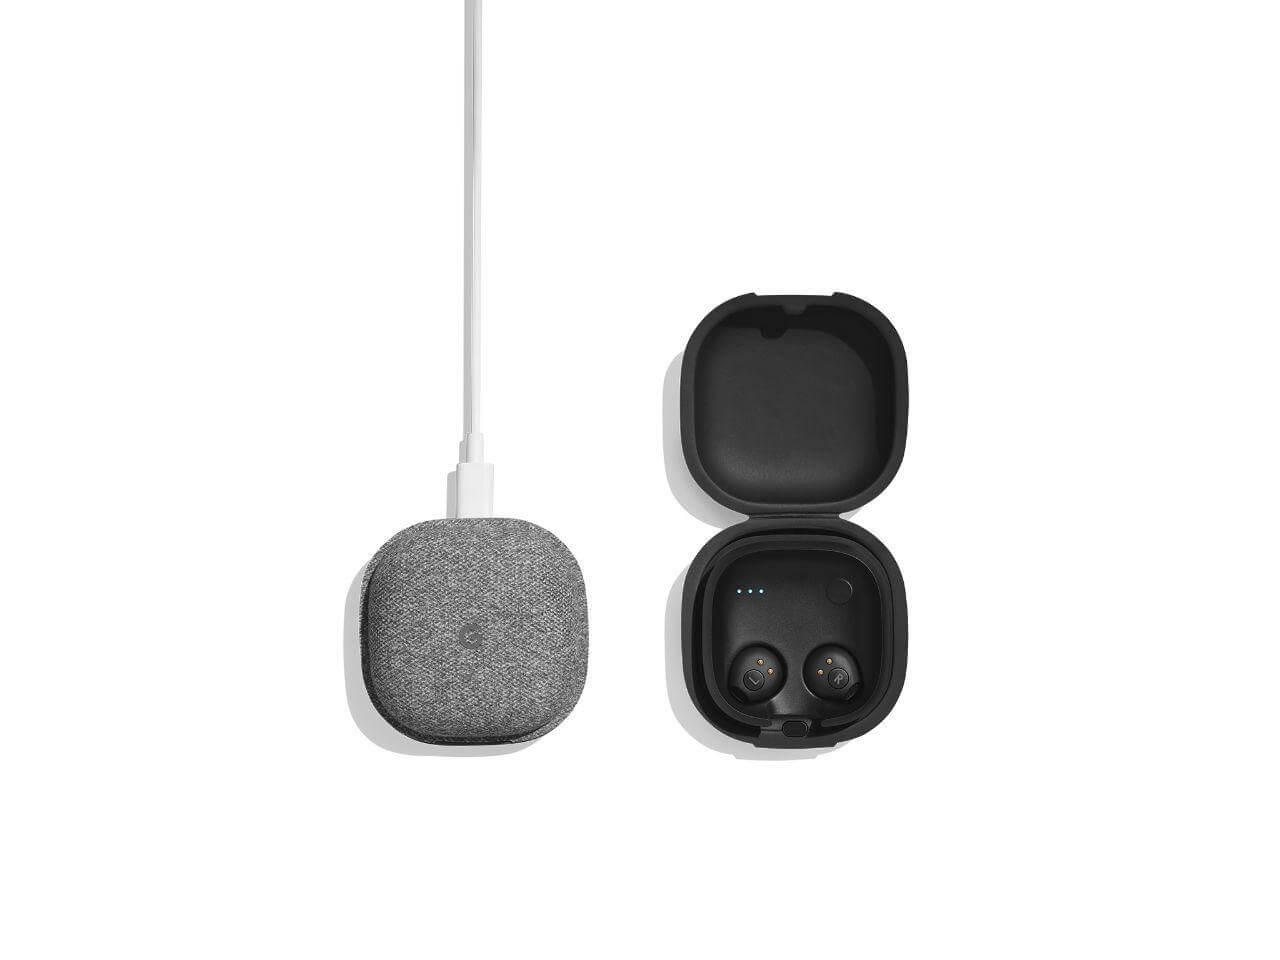 PixelBuds case